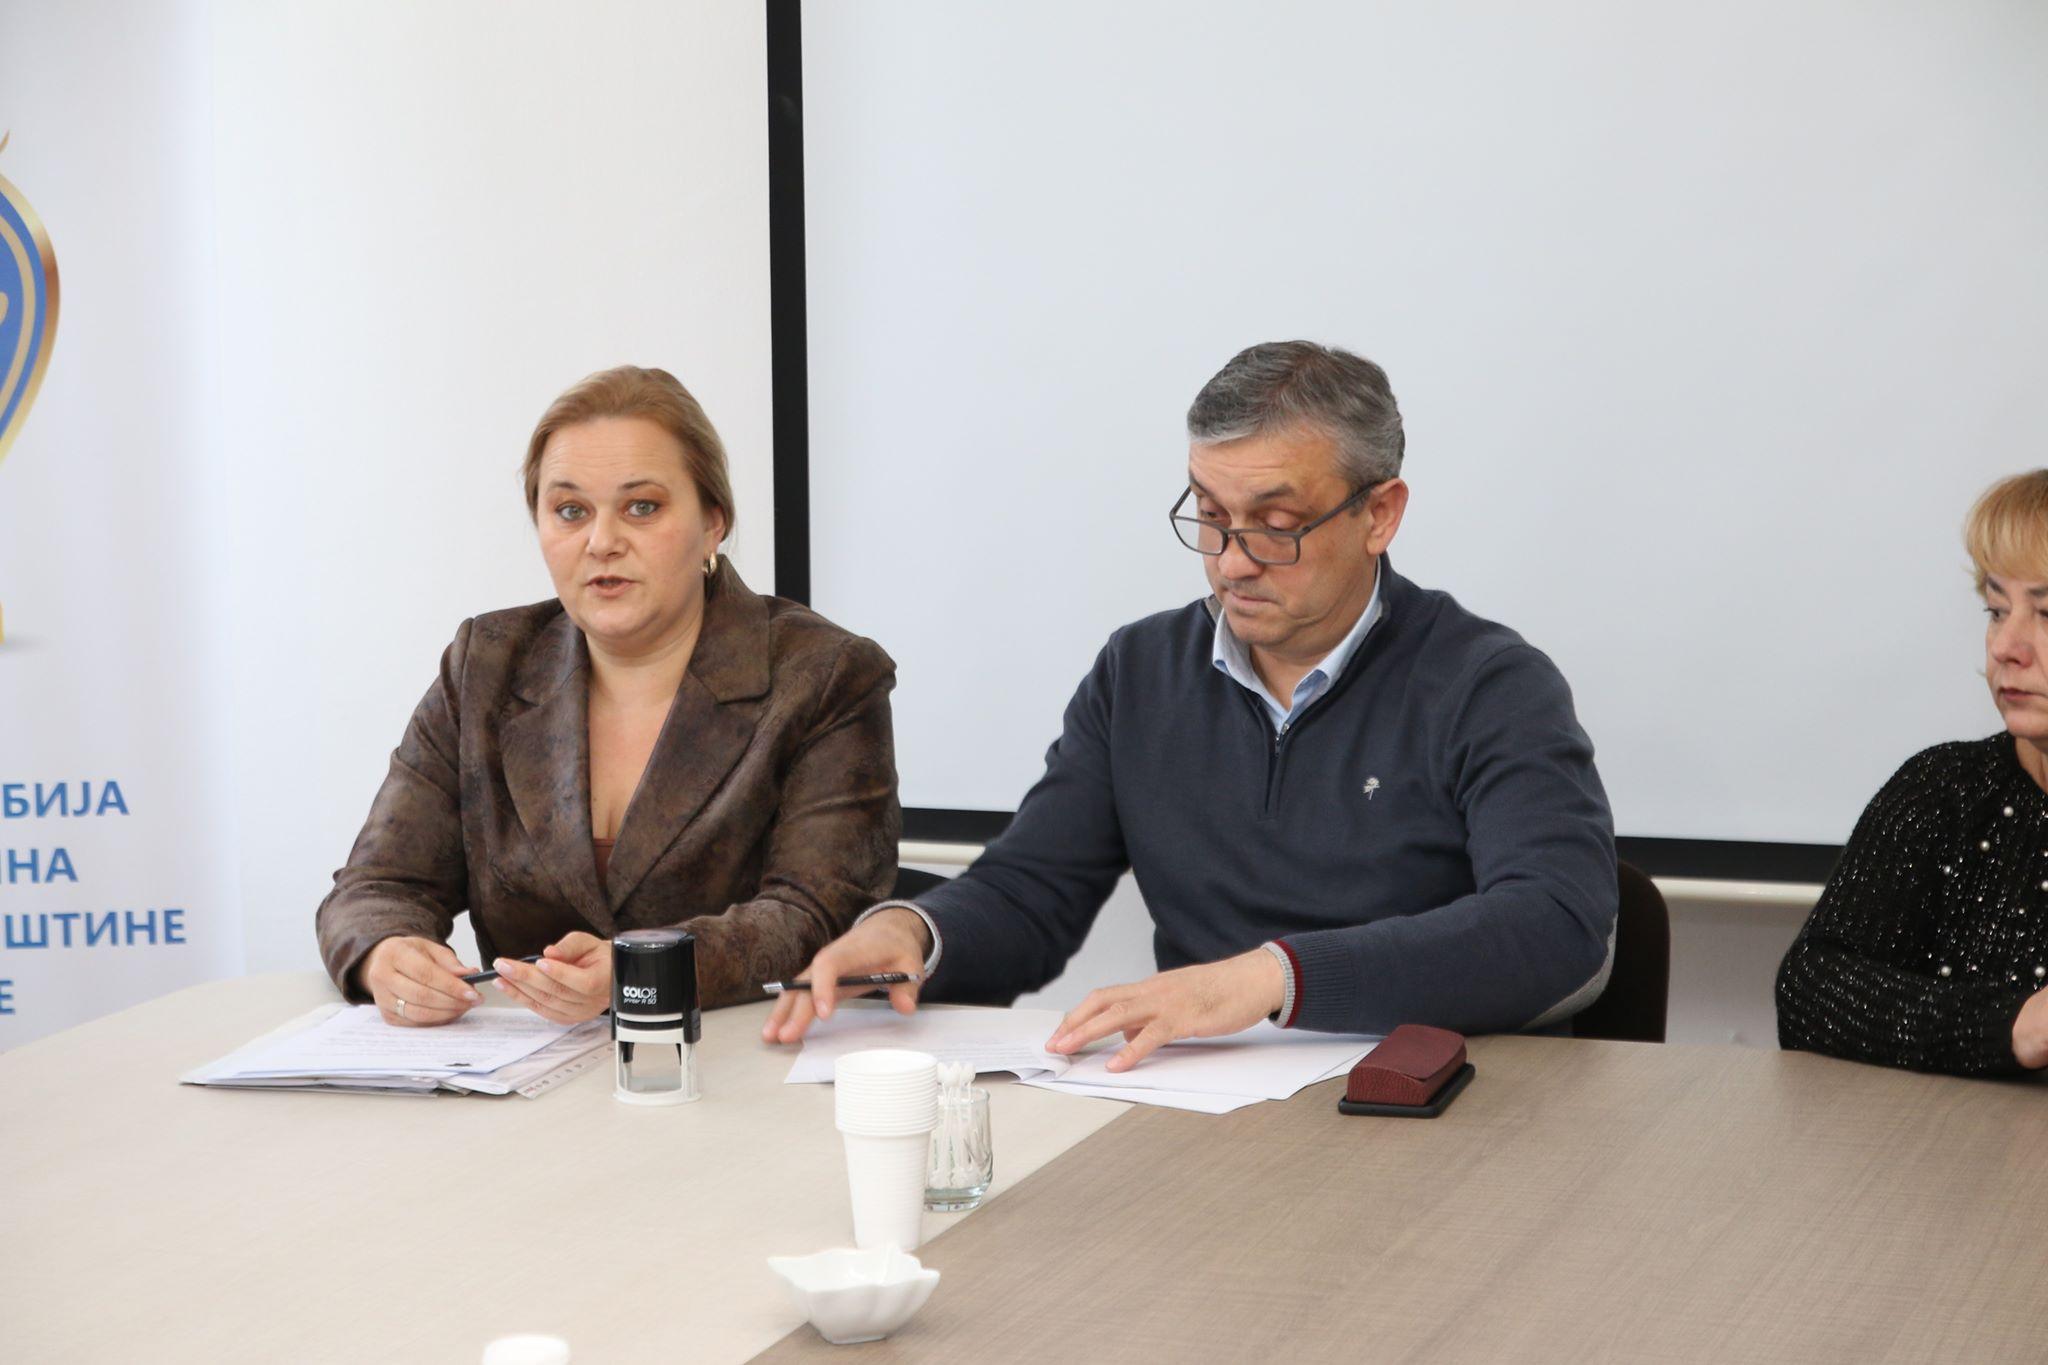 Potpisivanje ugovora za programe stručna praksa i novo zapošljavanje